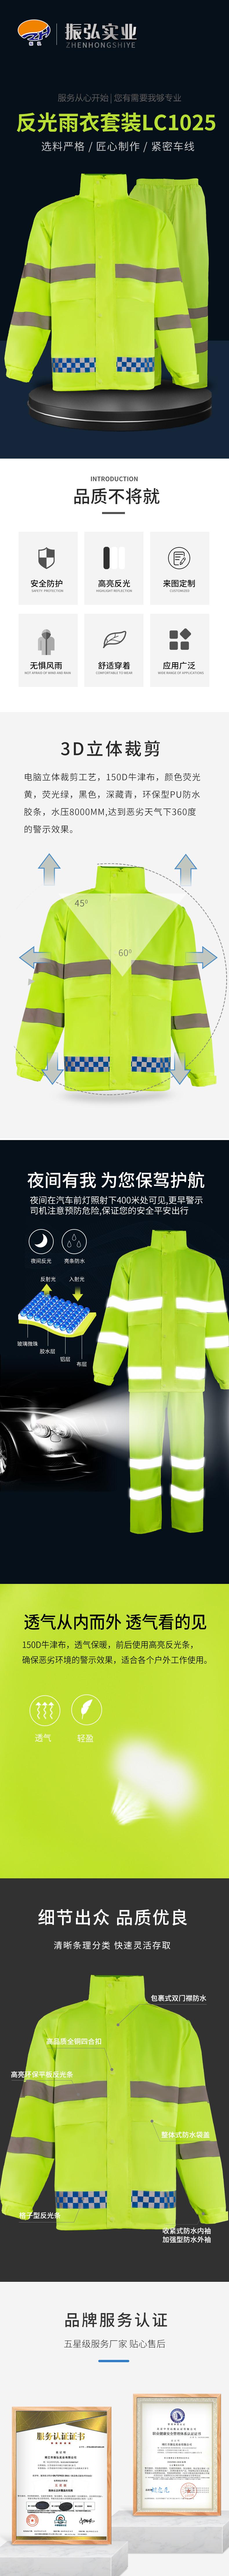 反光雨衣LC1025 详情页_副本